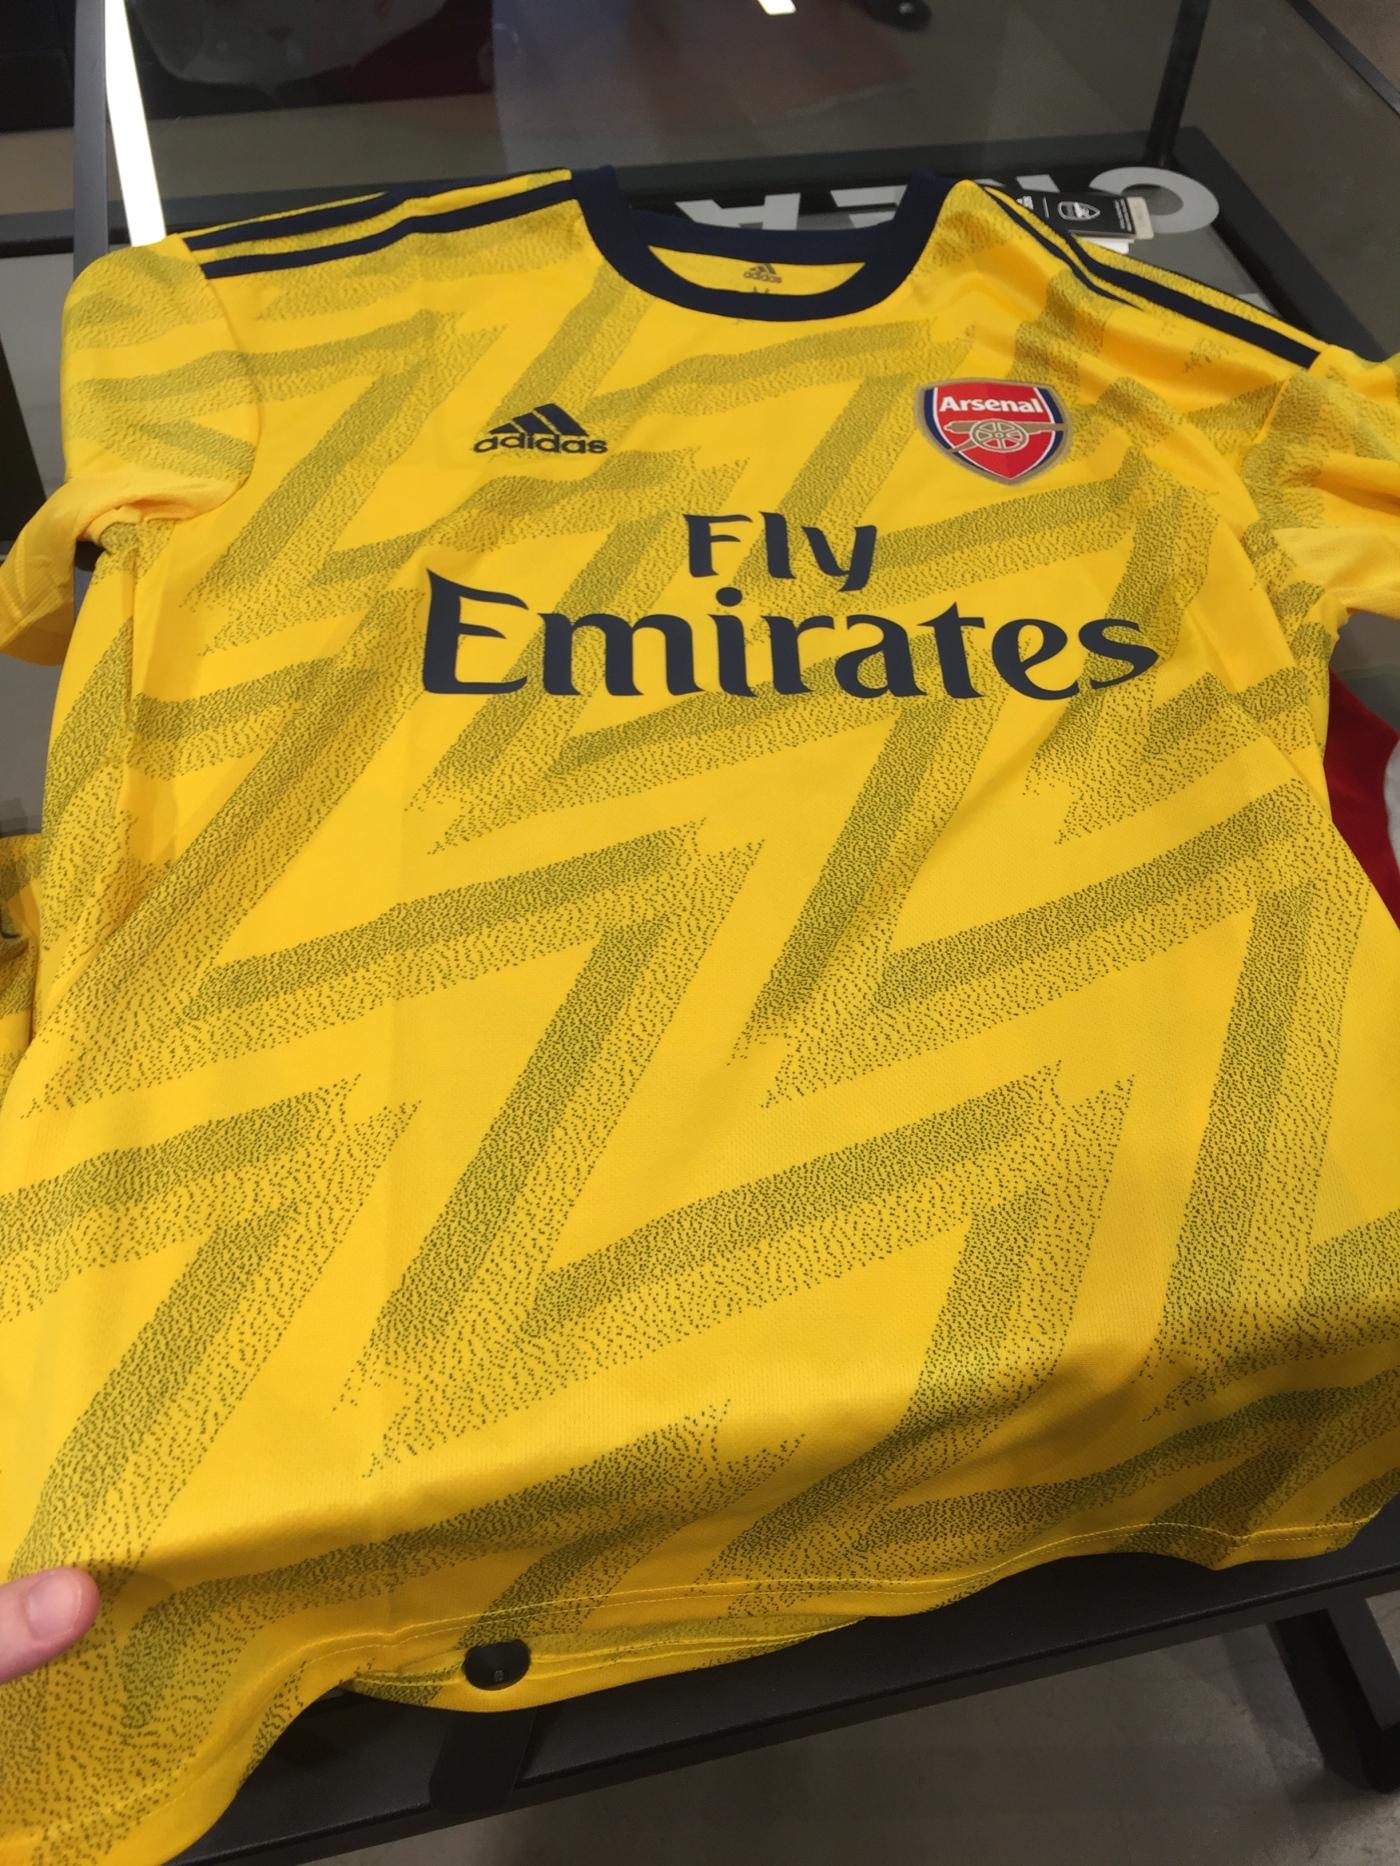 Adidas Away Jerseys 2019 2020 Arsenal Away Kit New Shark City